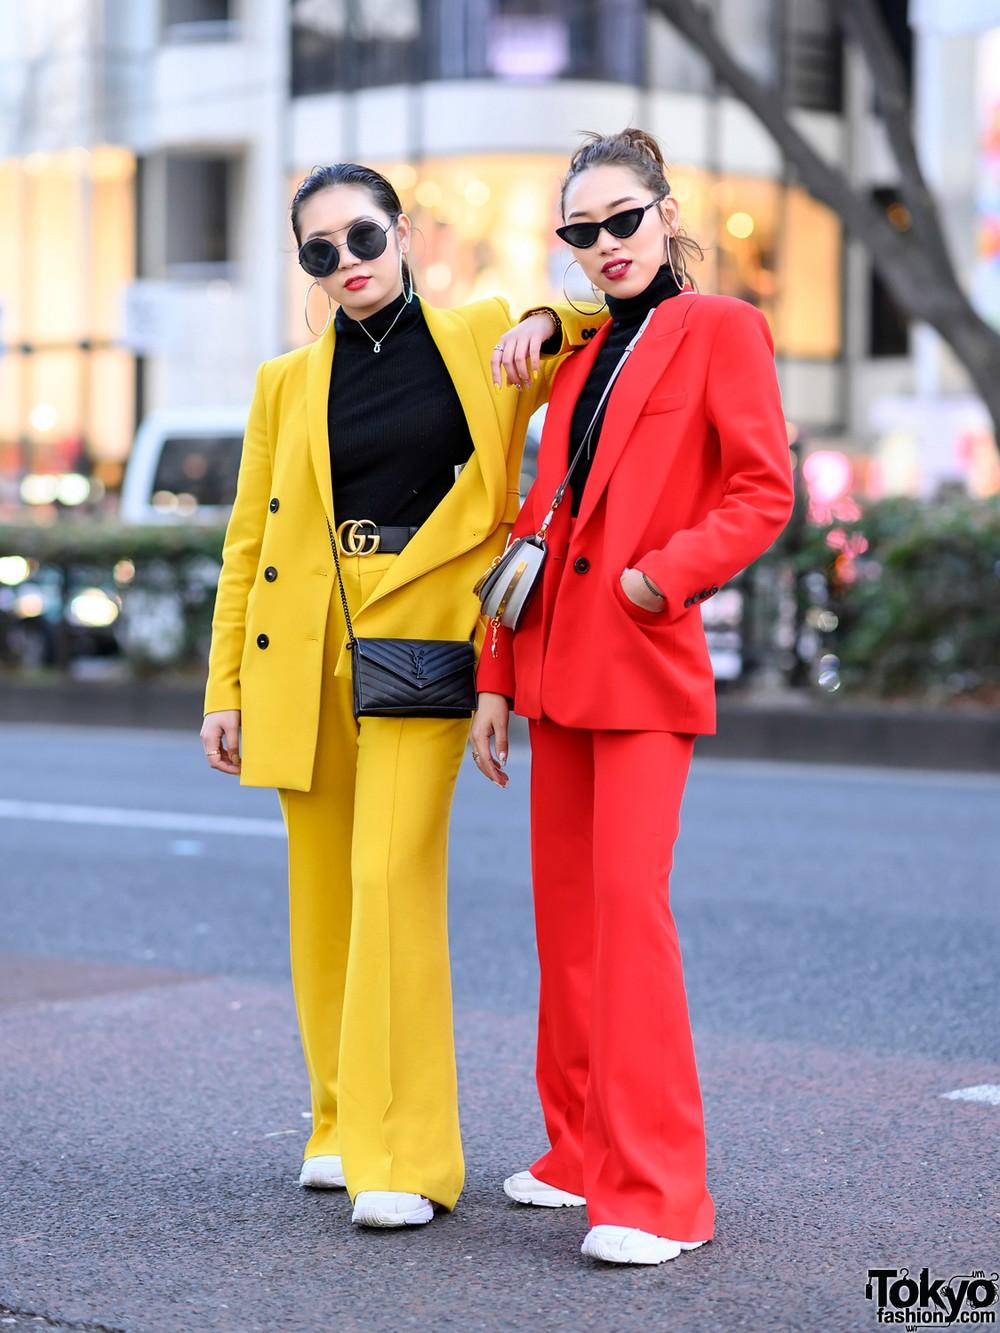 Модные и интересные персонажи с улиц Токио - 26 (40 фото)